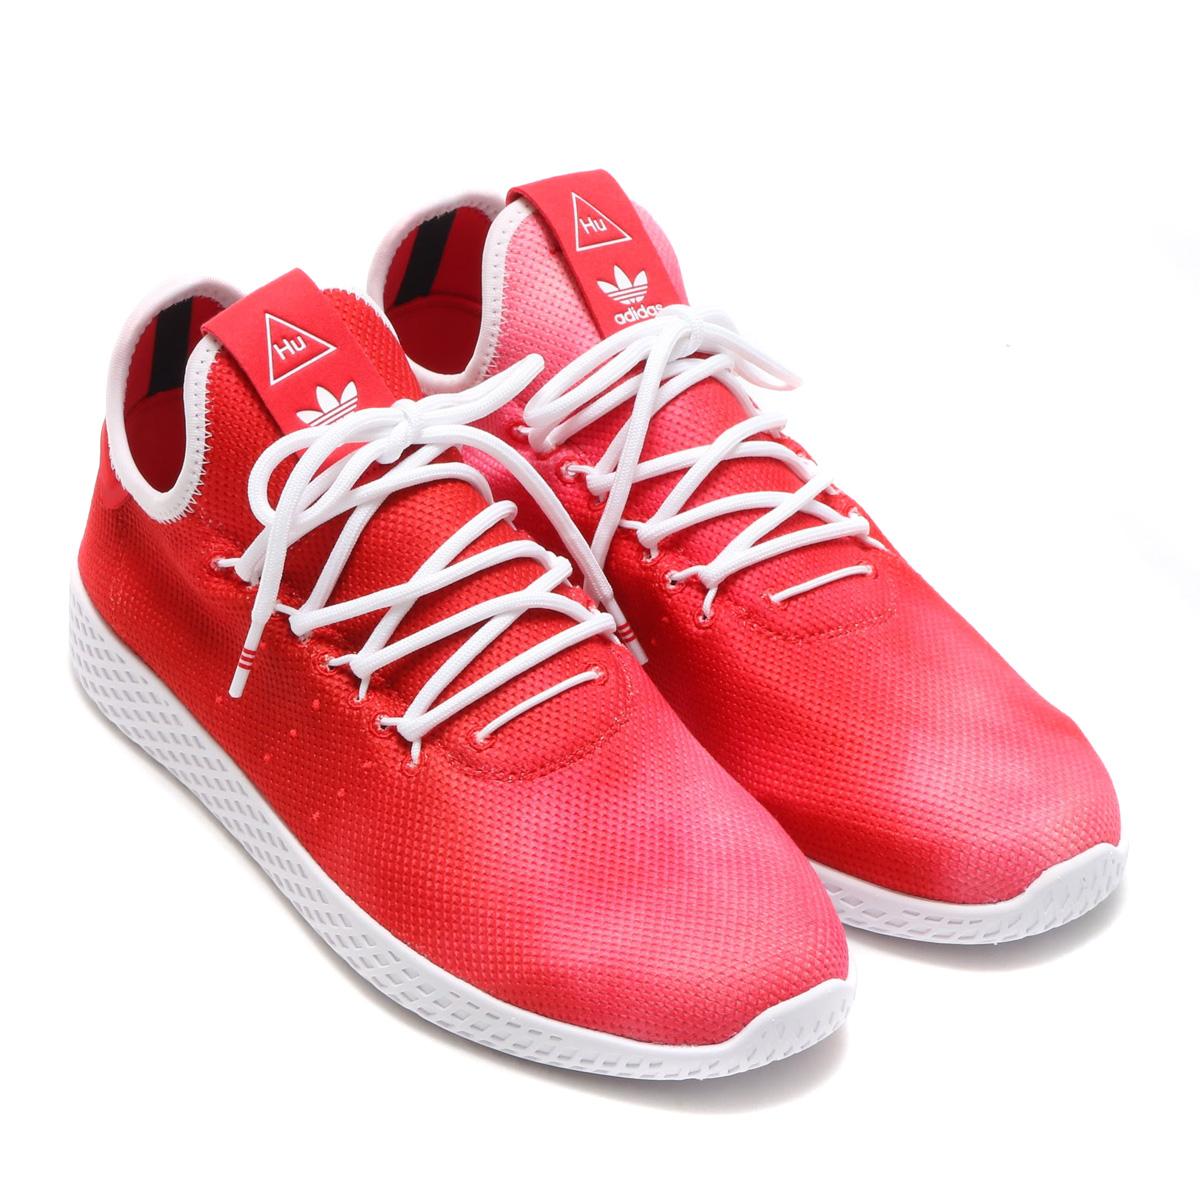 45e9baaf9  メンズ レディース スニーカー  adidas Originals mi Ultra Boost (アディダス オリジナルス マイ ウルトラ  ブースト) Aero Red  Aero Red 18SS-S White